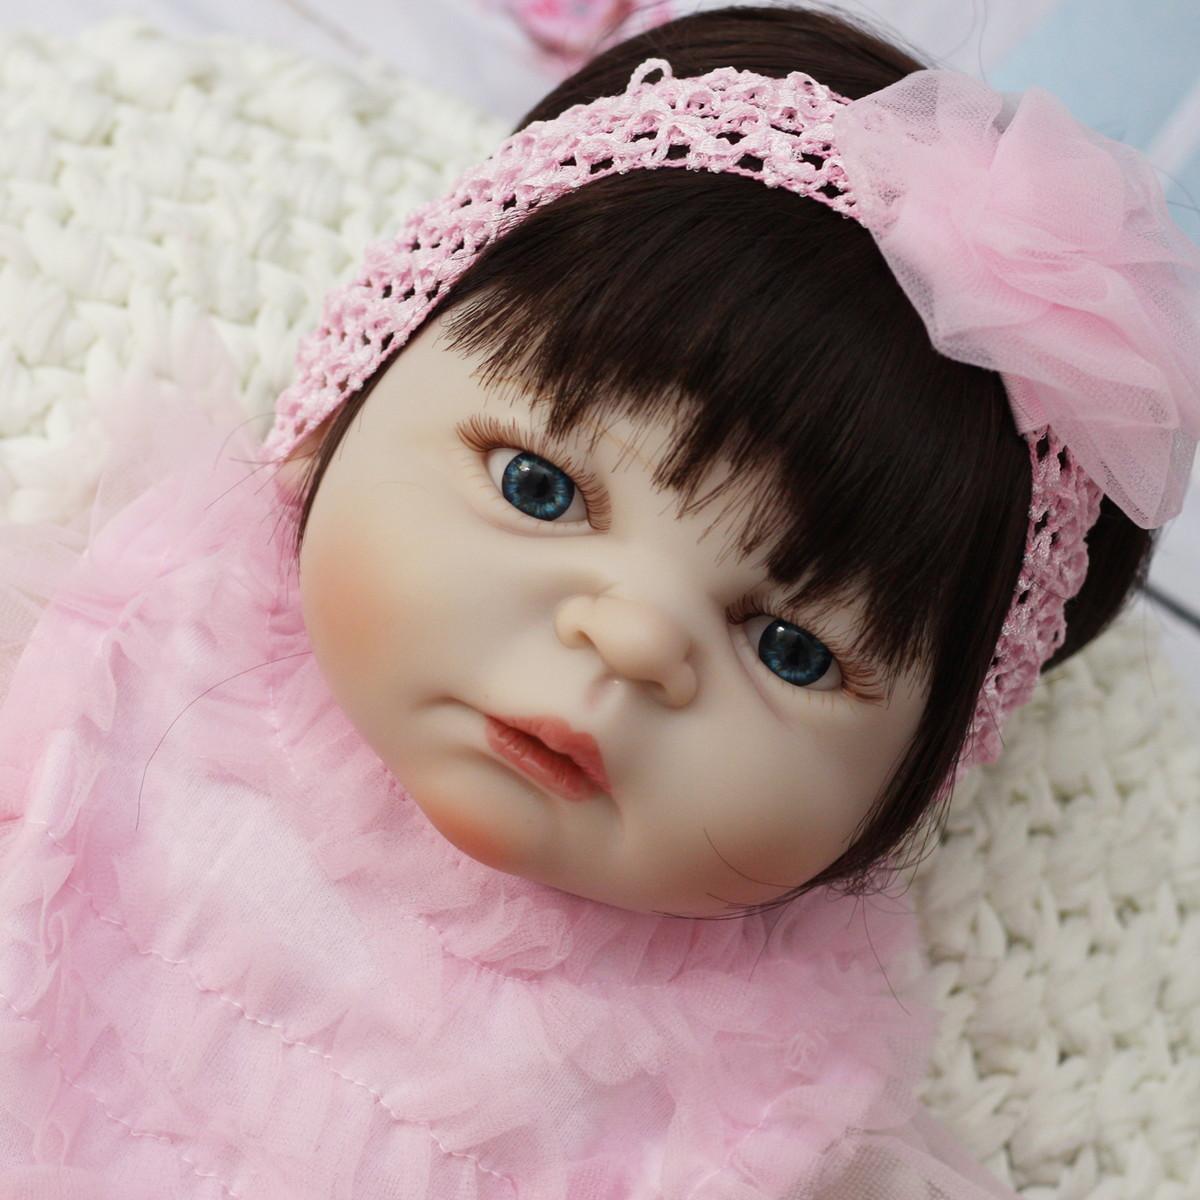 c4eb93013 Pronta Entrega Boneca Bebê Reborn Silicone Enxoval Completo no Elo7 ...